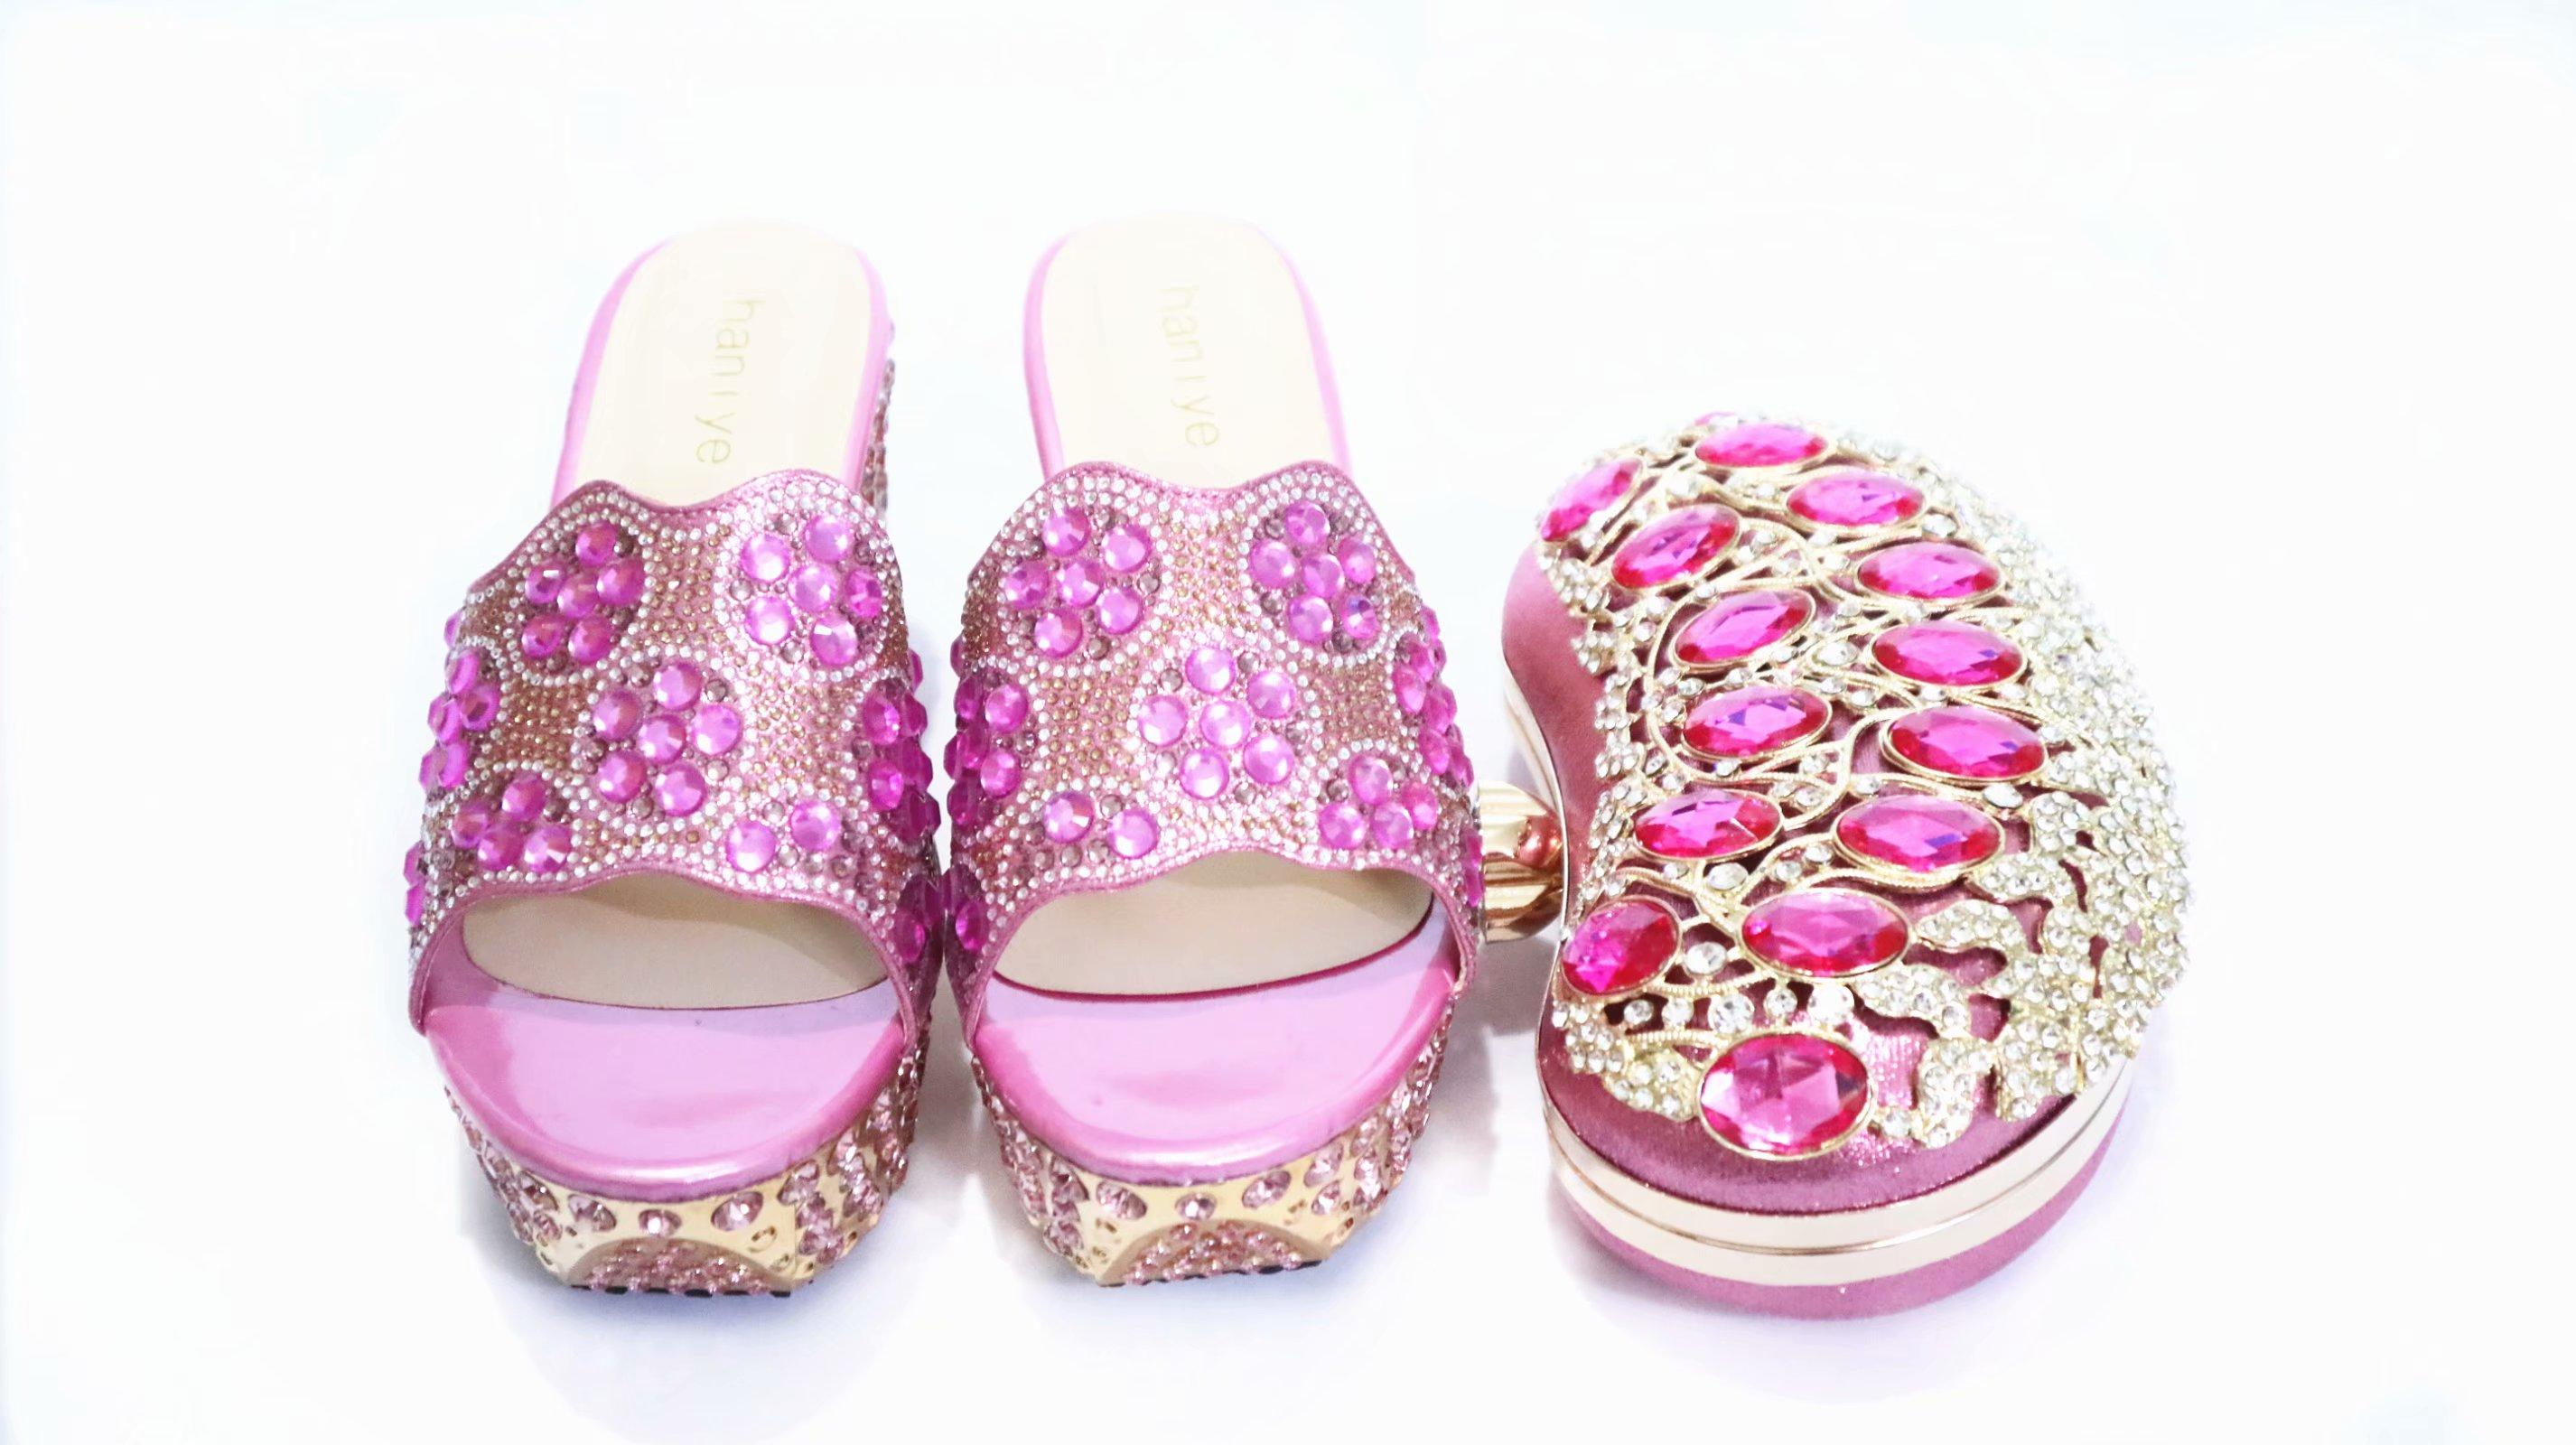 Gratis Verzending Mooie Roze Schoenen Bijpassende Tas Voor Afrikaanse Aso Ebi Shining Big Stenen Slippers Schoenen En Koppelingen Tas SB8475 4 - 3